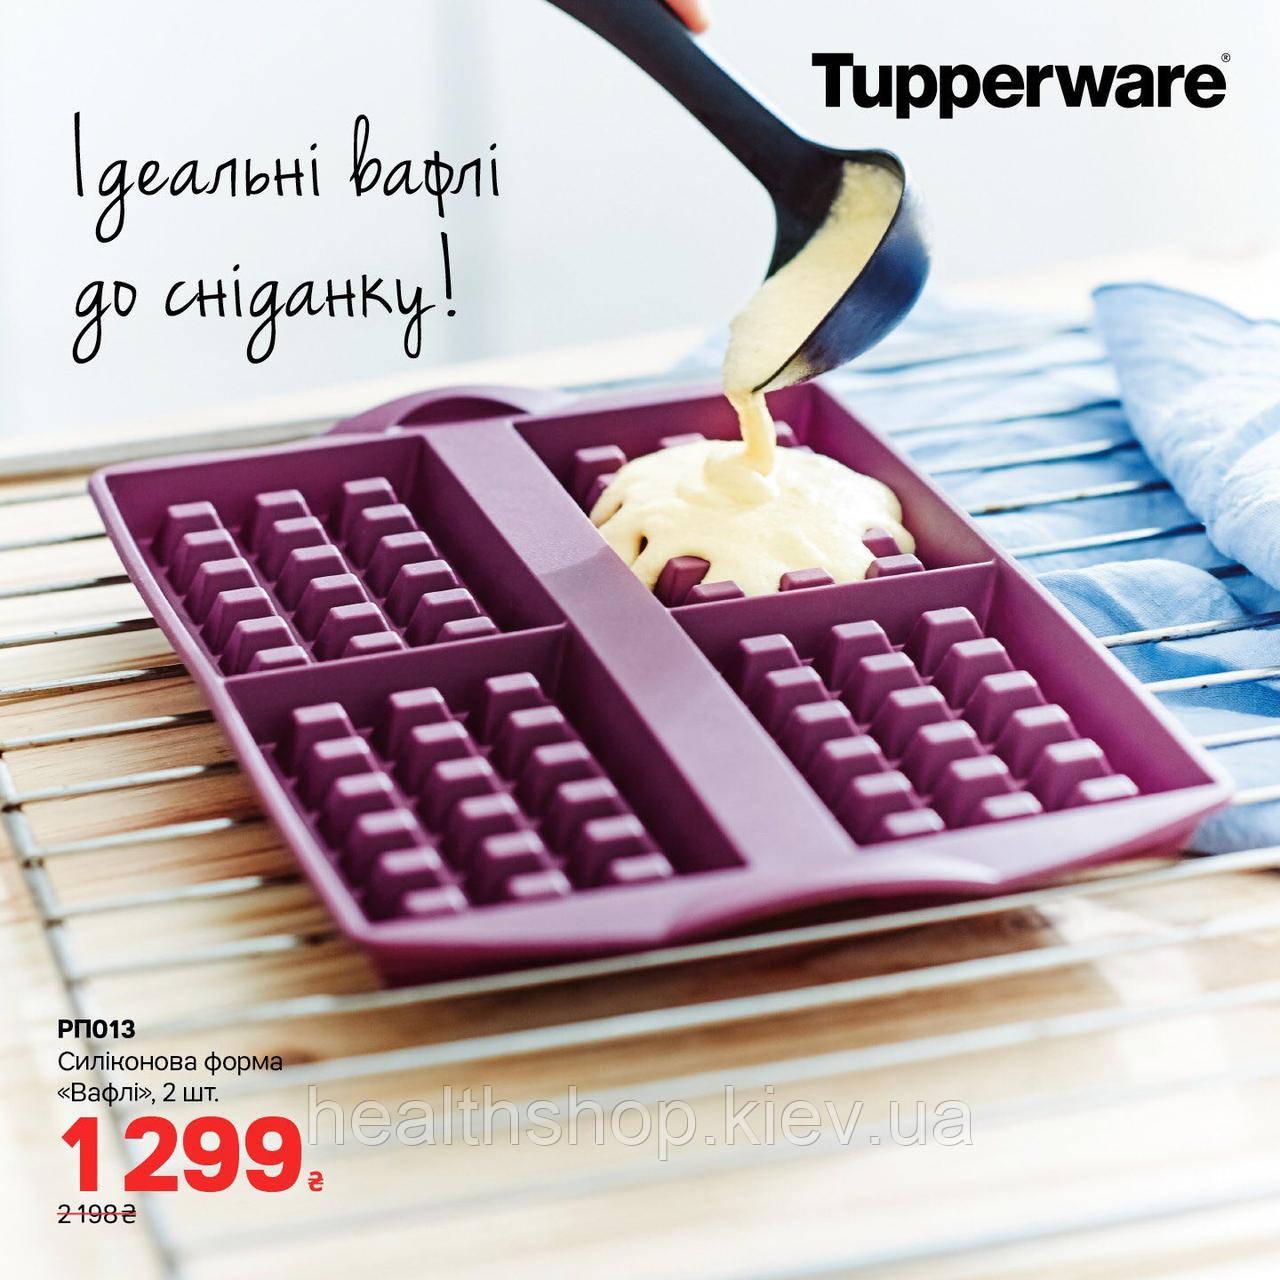 Силиконовая форма Вафли 2 шт Tupperware